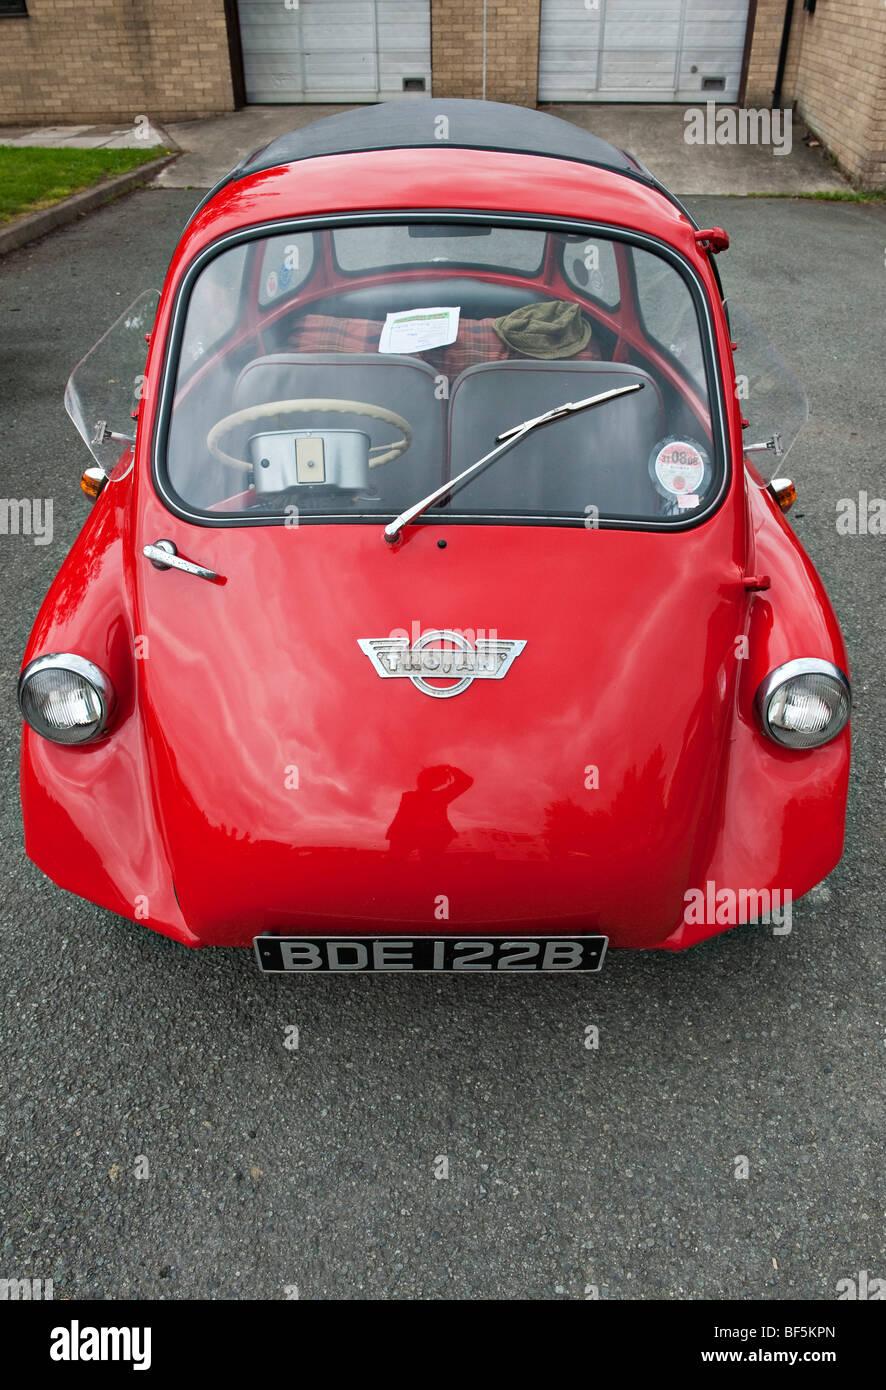 Ein 3-Rad-Trojan 200 Bubble Auto oder Microcar, gebaut in den frühen ...